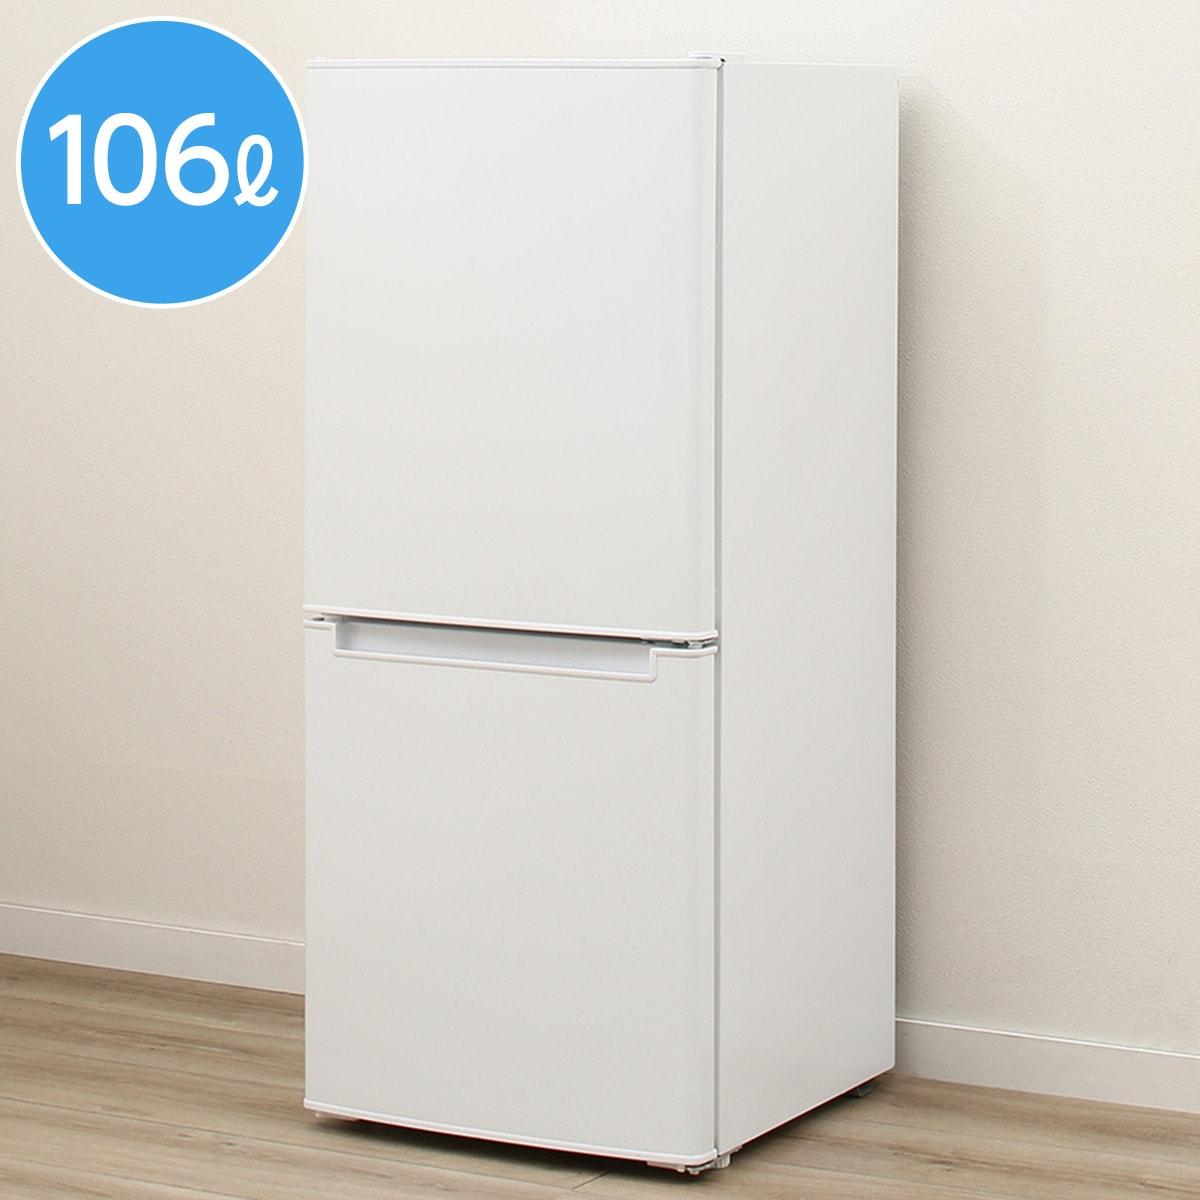 一人暮らしにおすすめ!ニトリの冷蔵庫を徹底解説のサムネイル画像